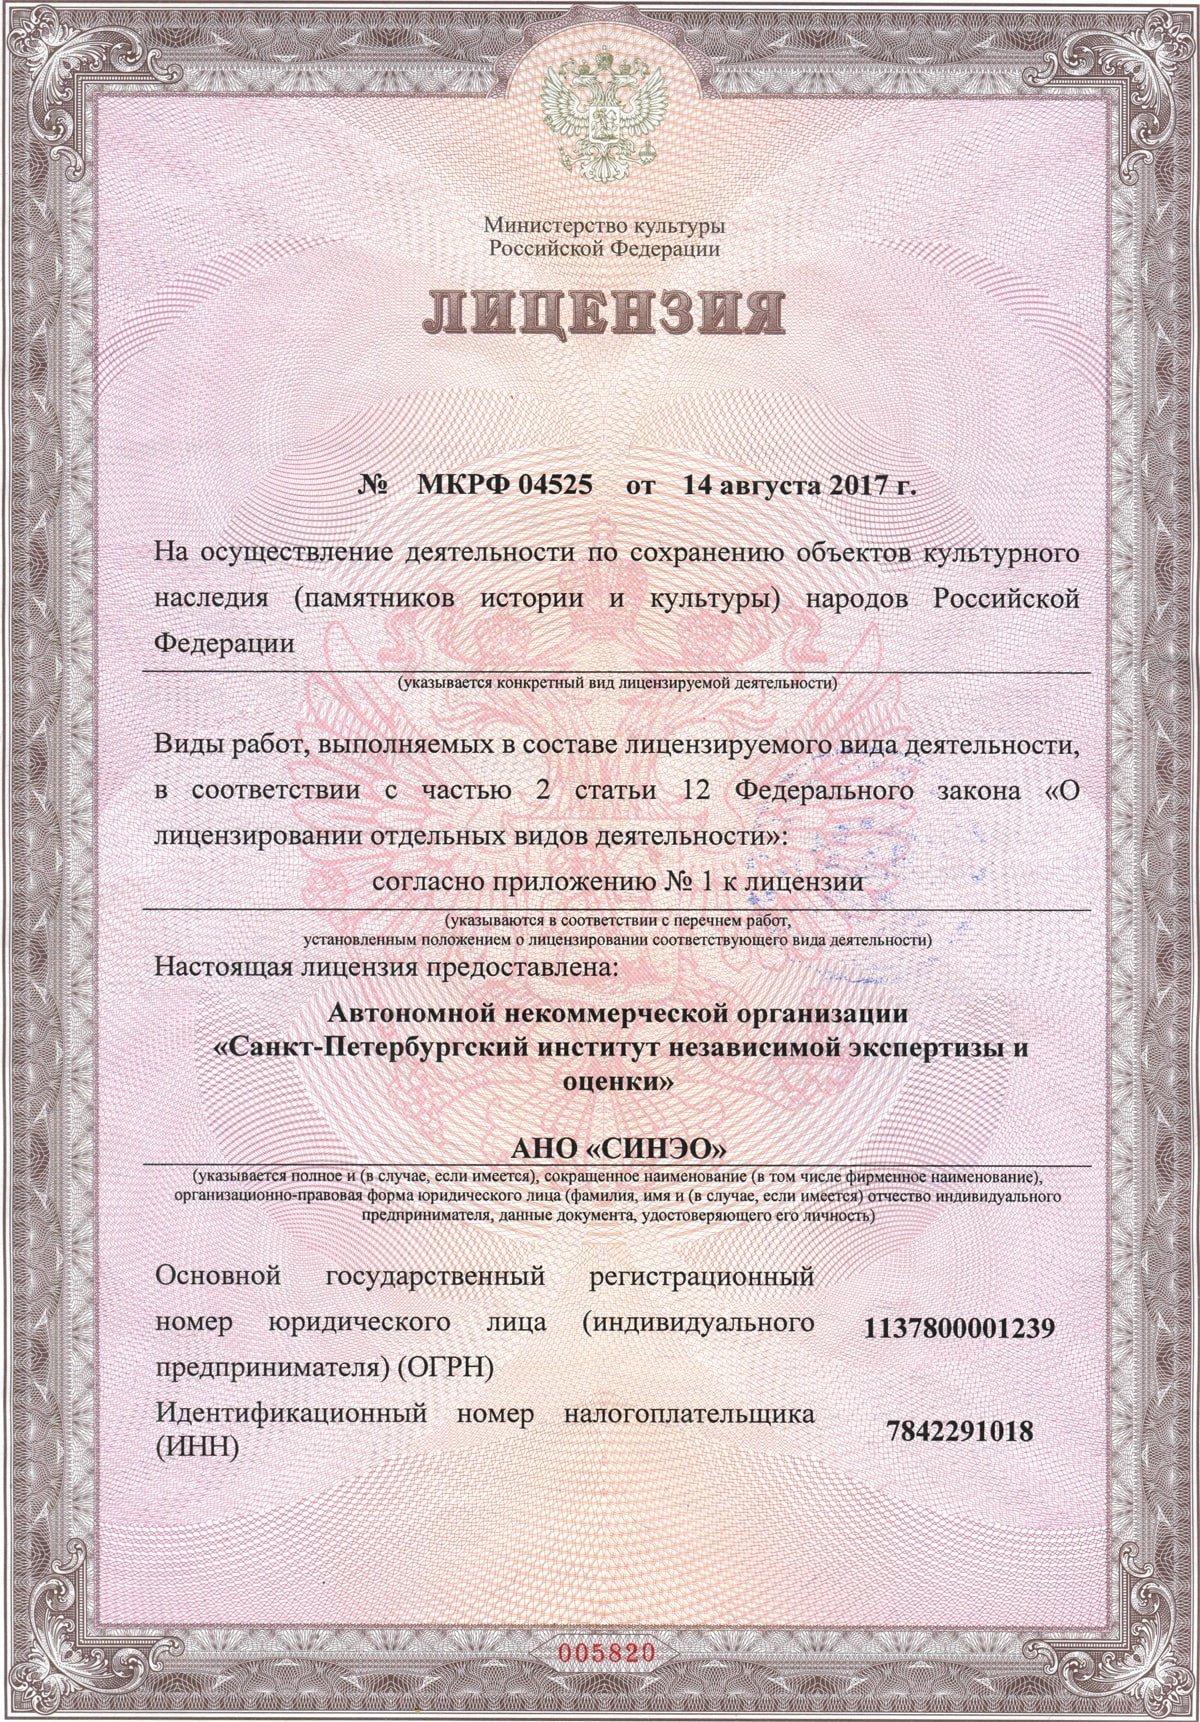 Лицензия на реставрационную экспертизу СИНЭО